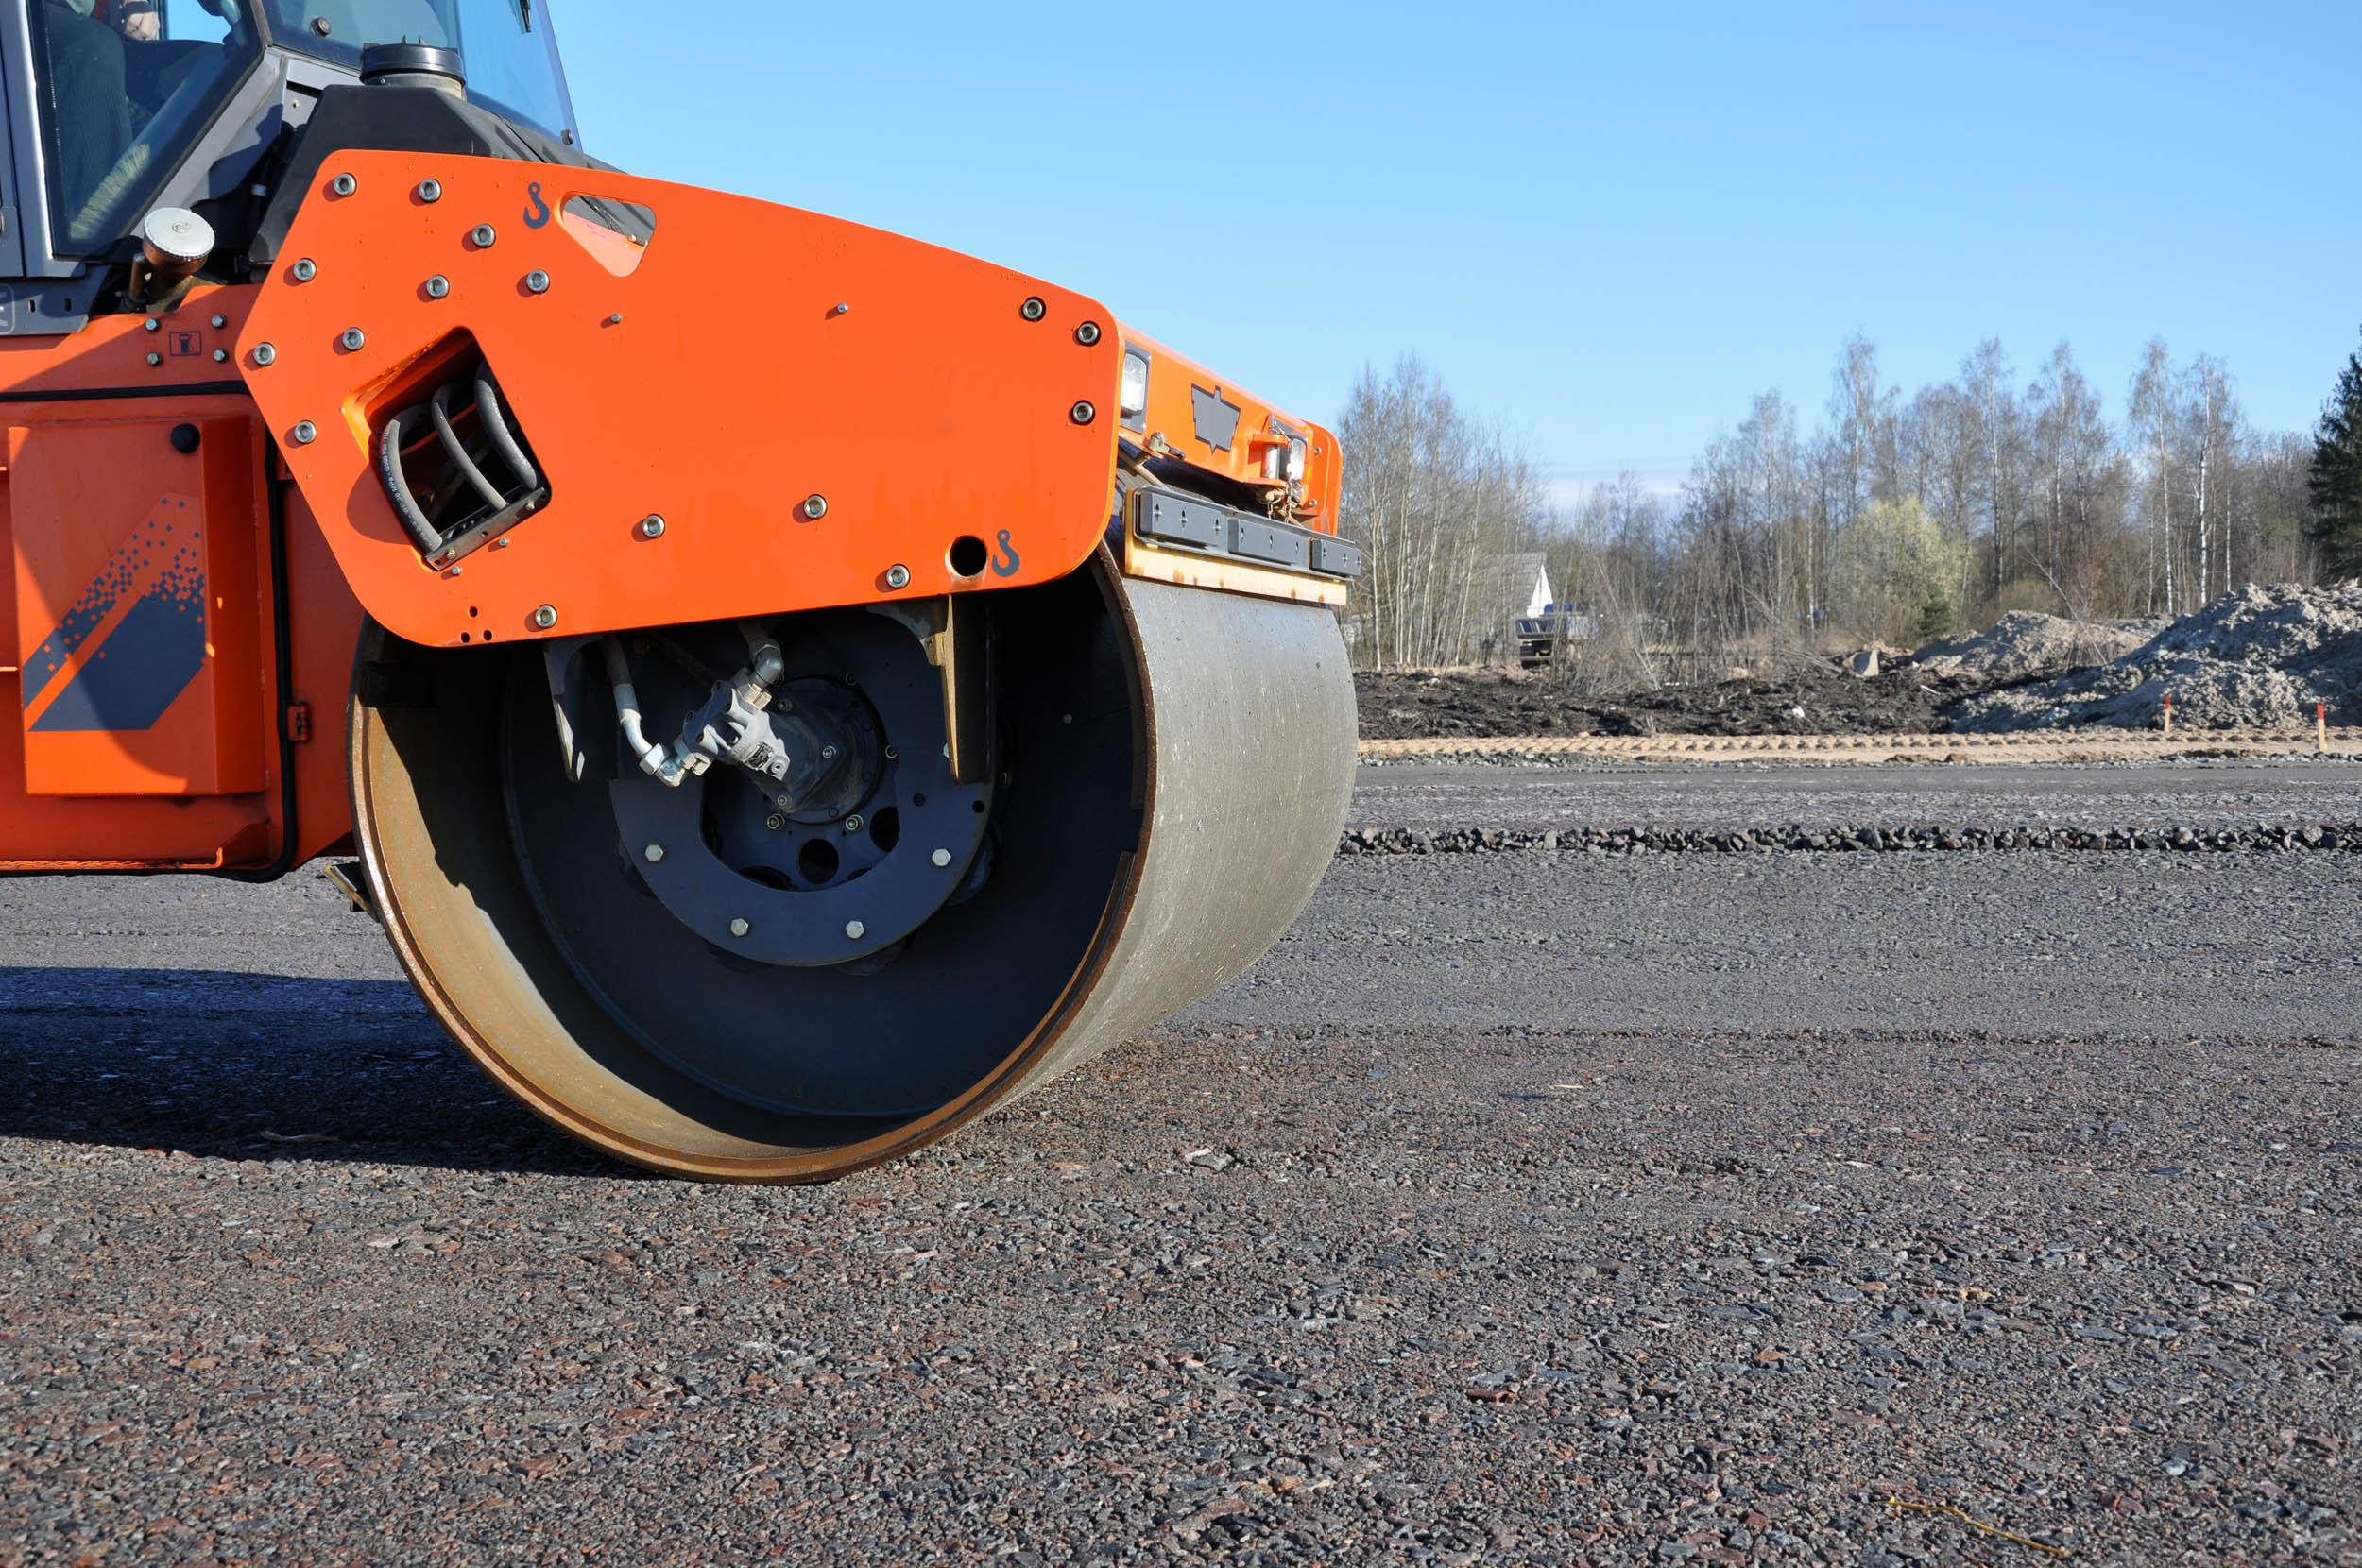 Part of tandem roller